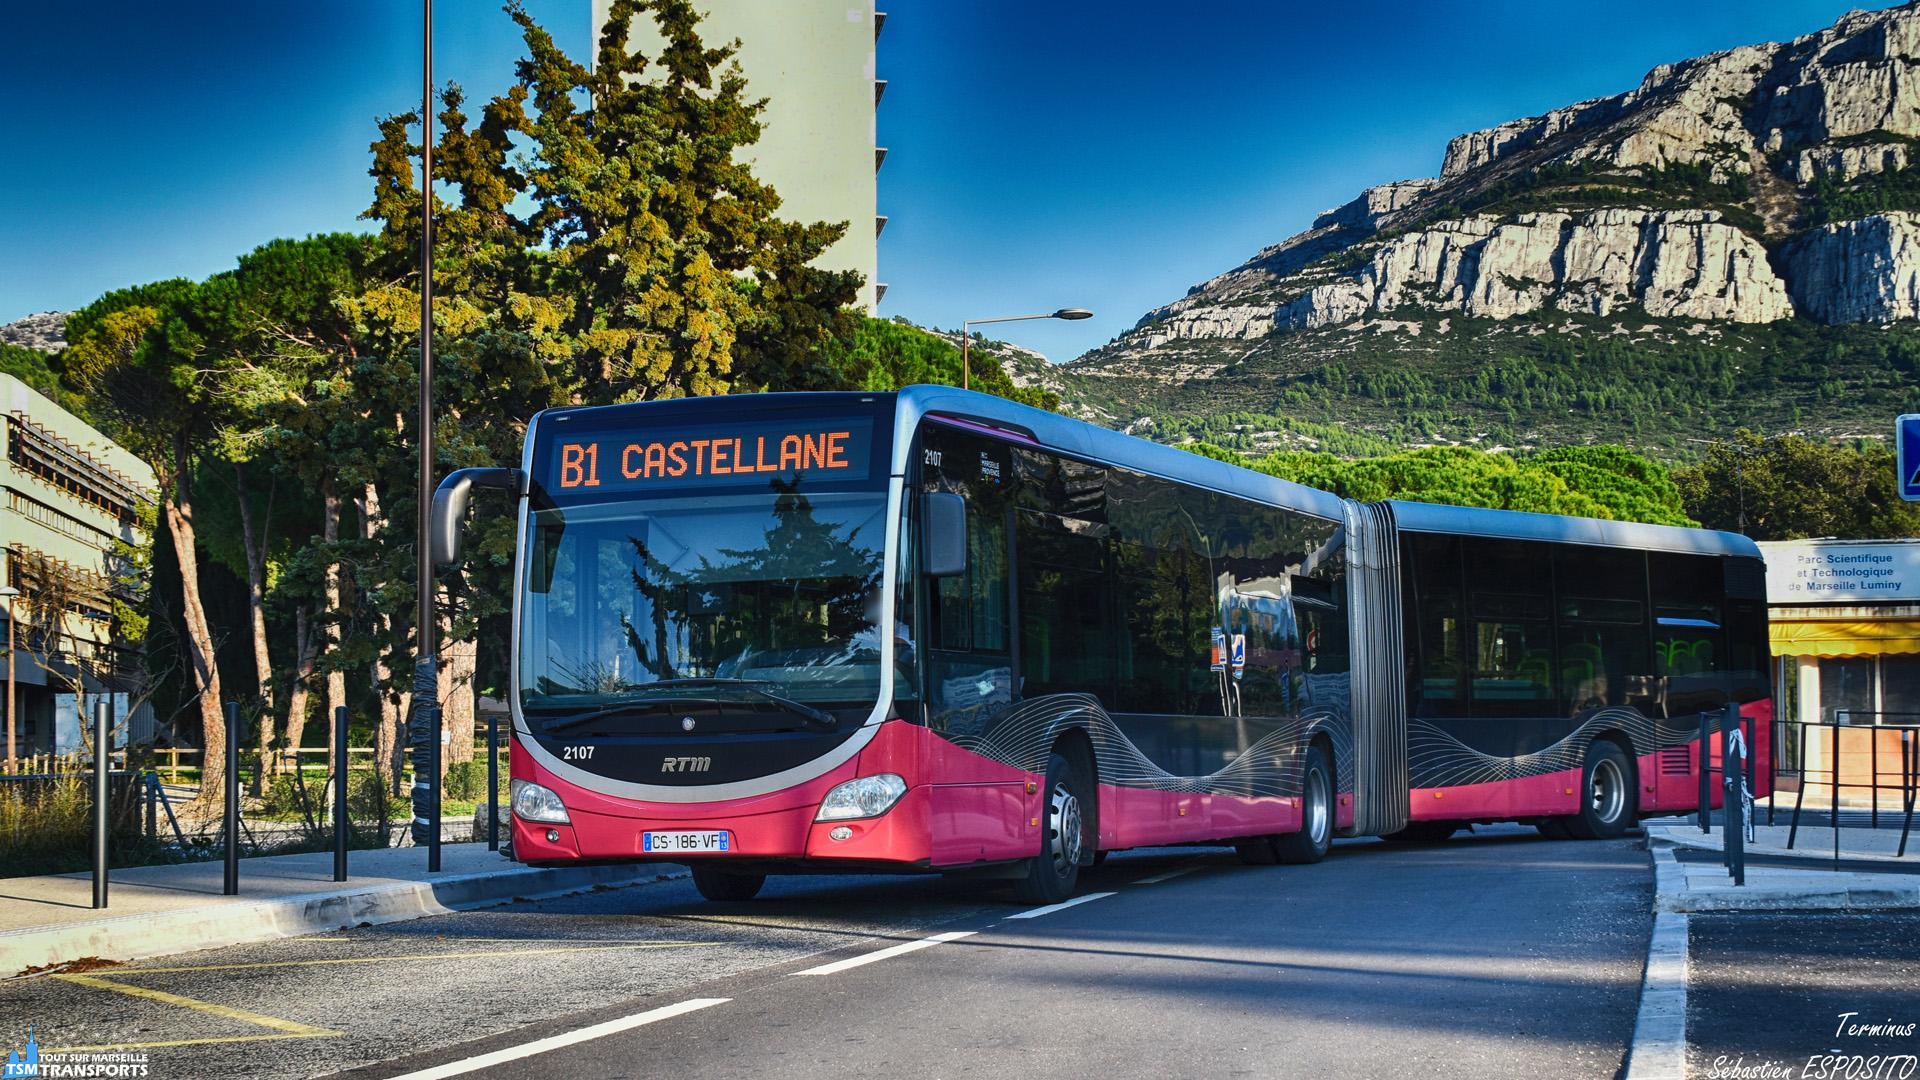 Ce Citaro 2 G BHNS n'ira pas plus loin que le PN des Calanques en ce  Dimanche après midi. . ℹ️ Mercedes Benz Citaro 2 G Euro 5 BHNS RTM n°2107. . 📍 Luminy PN des Calanques, Avenue de Luminy, 9eme arrondissement de Marseille. . ↔️ B1 : Castellane - Luminy PN des Calanques (Parc National des Calanques). . 📸 Nikon D5600. . 📷 Nikkor 18-55mm. . 📅 21 Octobre 2018 à 17:30. . 👨 Sébastien ESPOSITO de retour de Lyon.